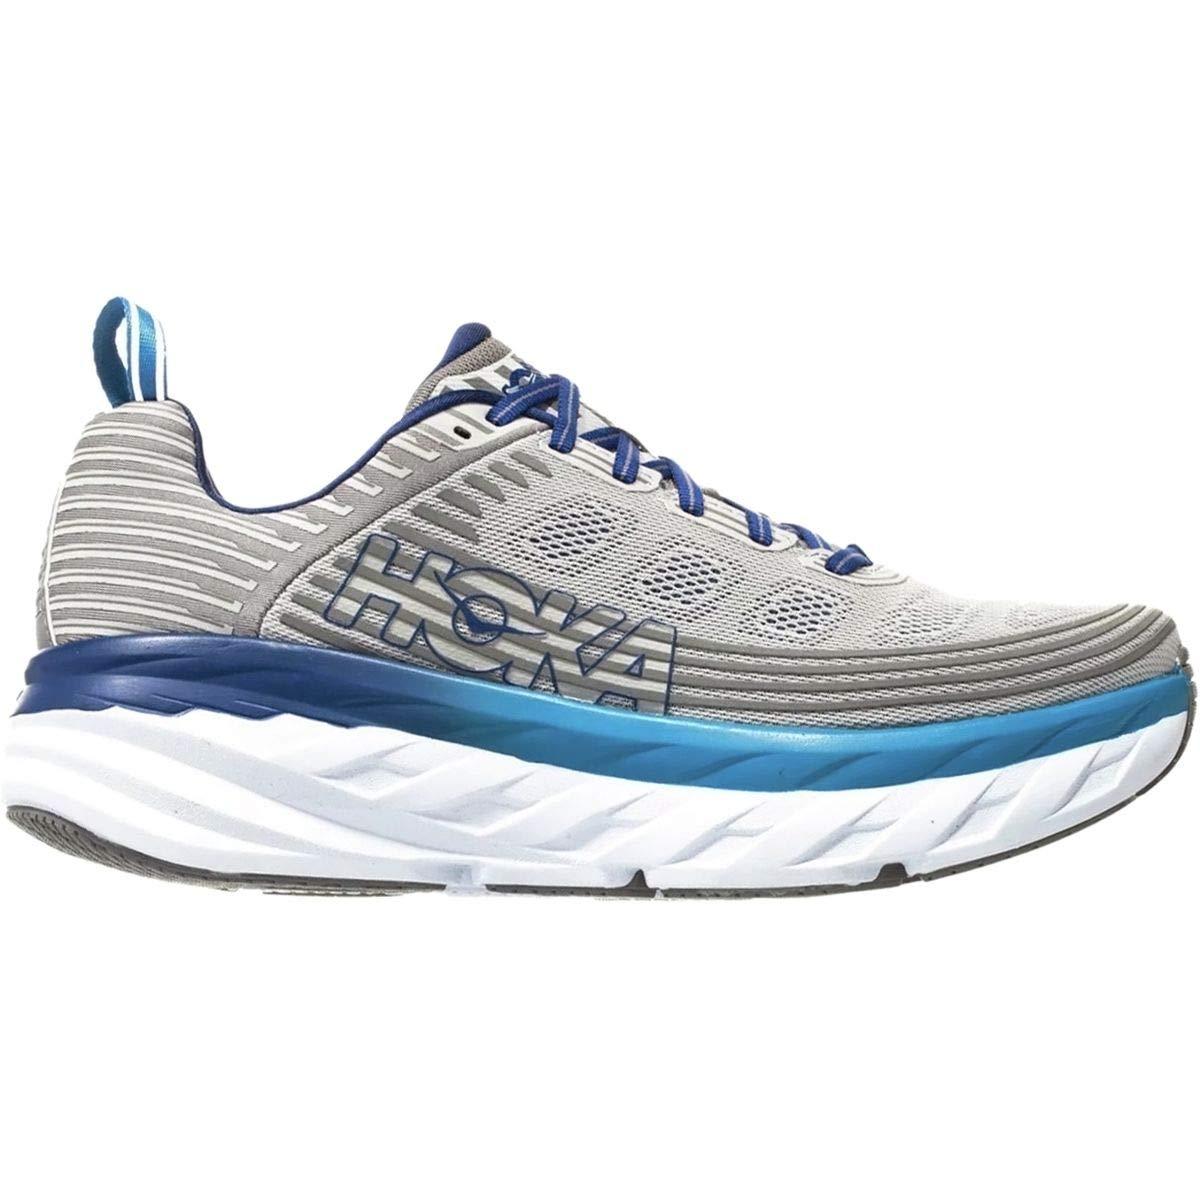 【同梱不可】 [ホッカオネオネ] [並行輸入品] メンズ Running ランニング Bondi 6 Running Shoe [並行輸入品] B07P2VDVFG B07P2VDVFG 10, オオムラシ:b37ef30c --- a0267596.xsph.ru